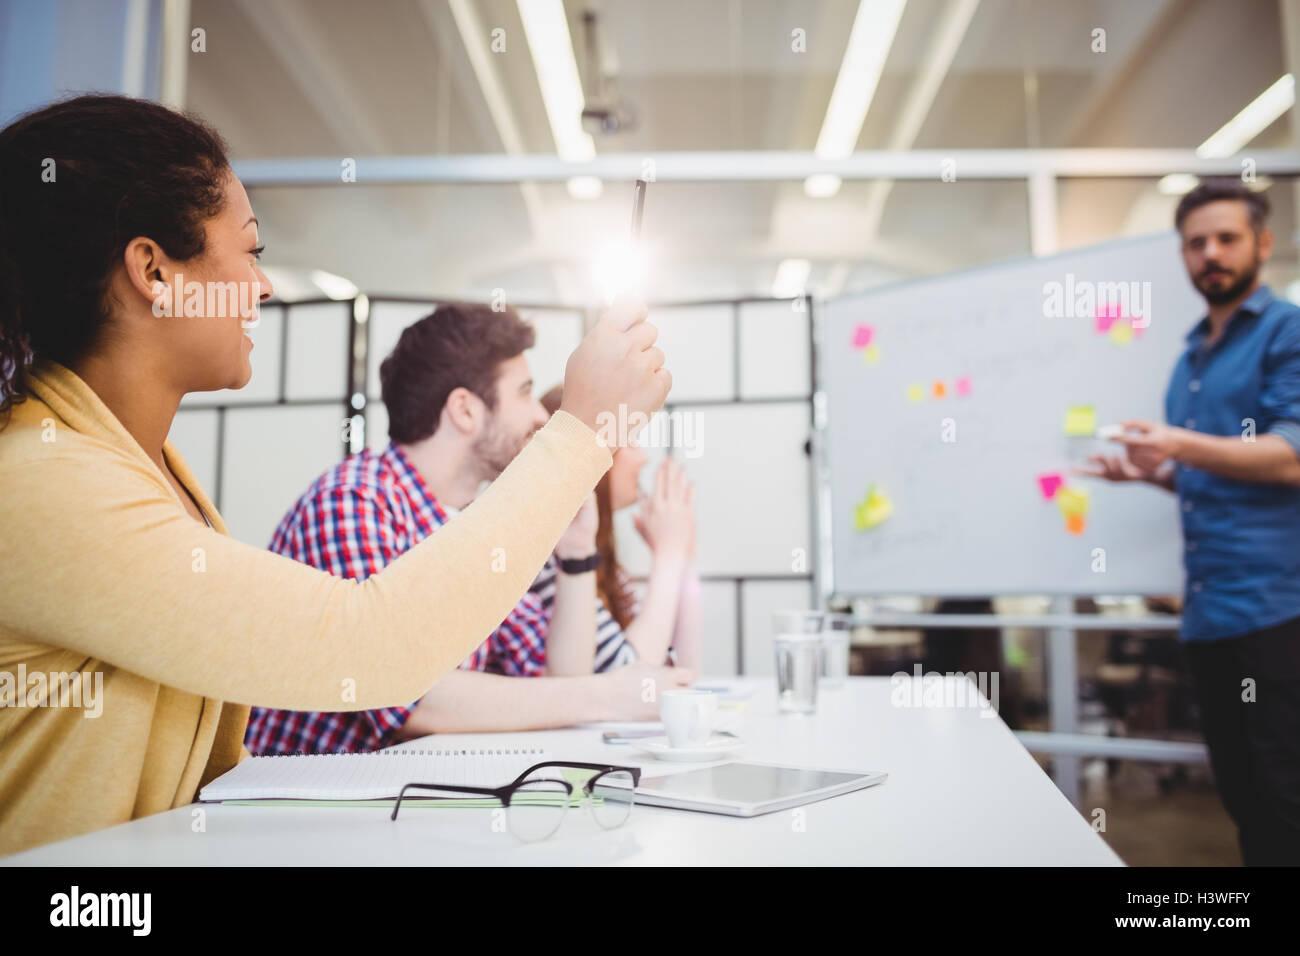 Sus colegas en la sala de la junta durante la sesión de lluvia de ideas en oficina creativa Imagen De Stock